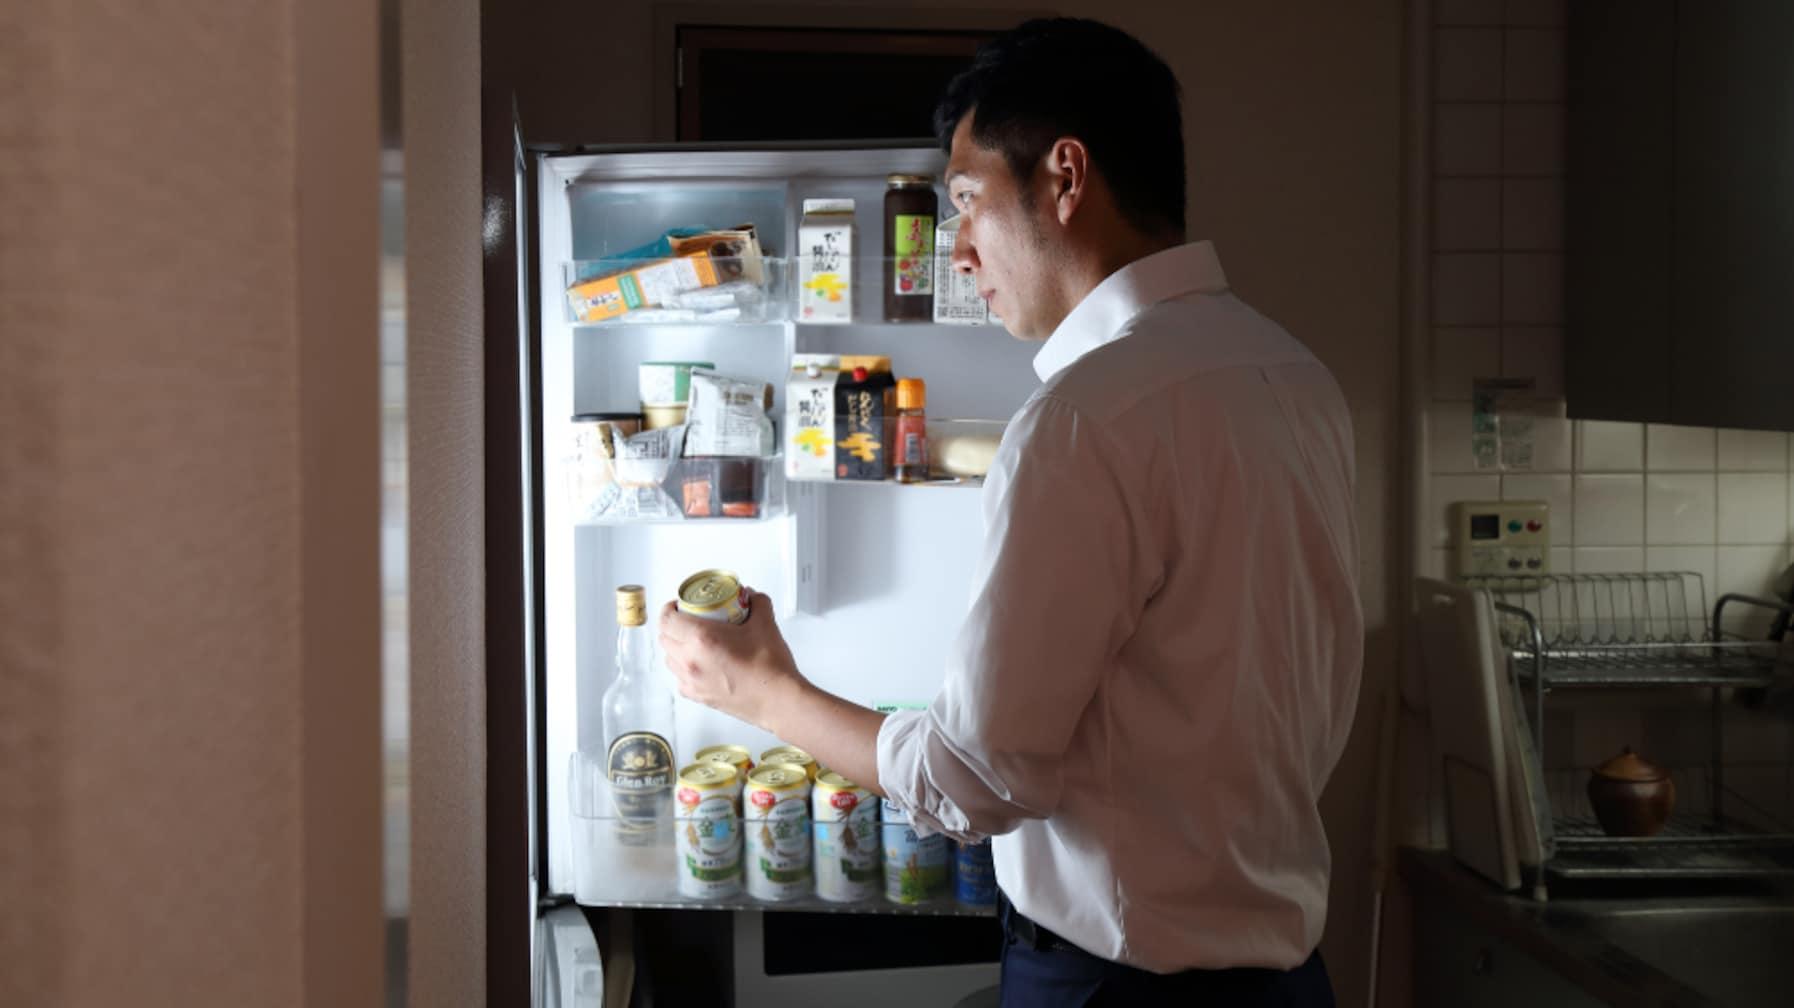 知らなかった!冷蔵庫でビールを保存する際「〇〇」に置くのはNG!?